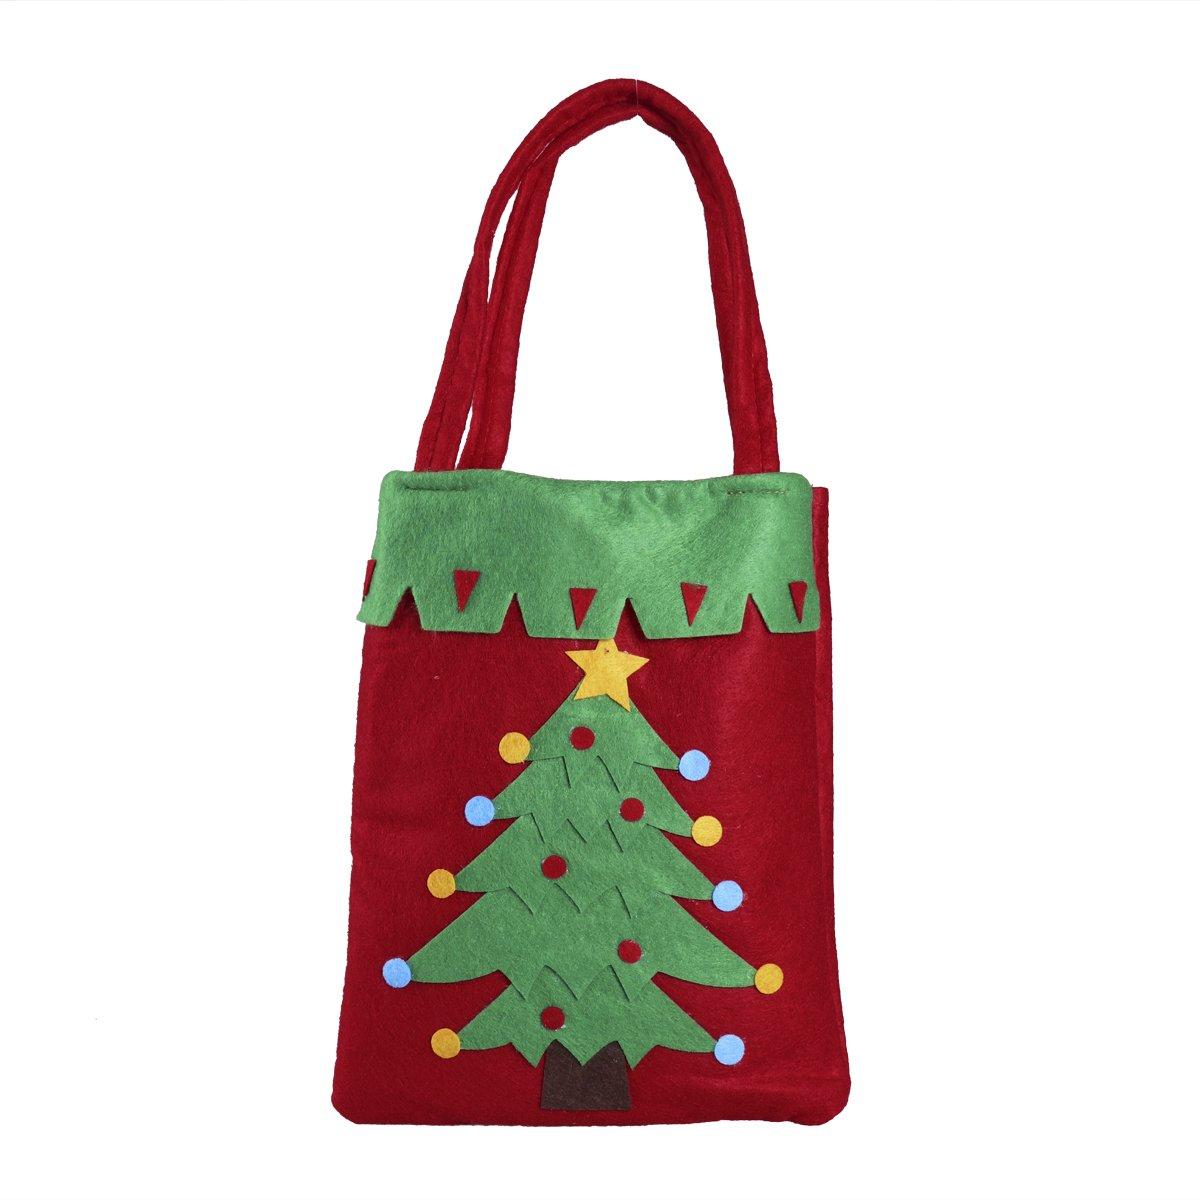 Weihnachten Handtasche LUOEM Weihnachtstasche für Kinder ...